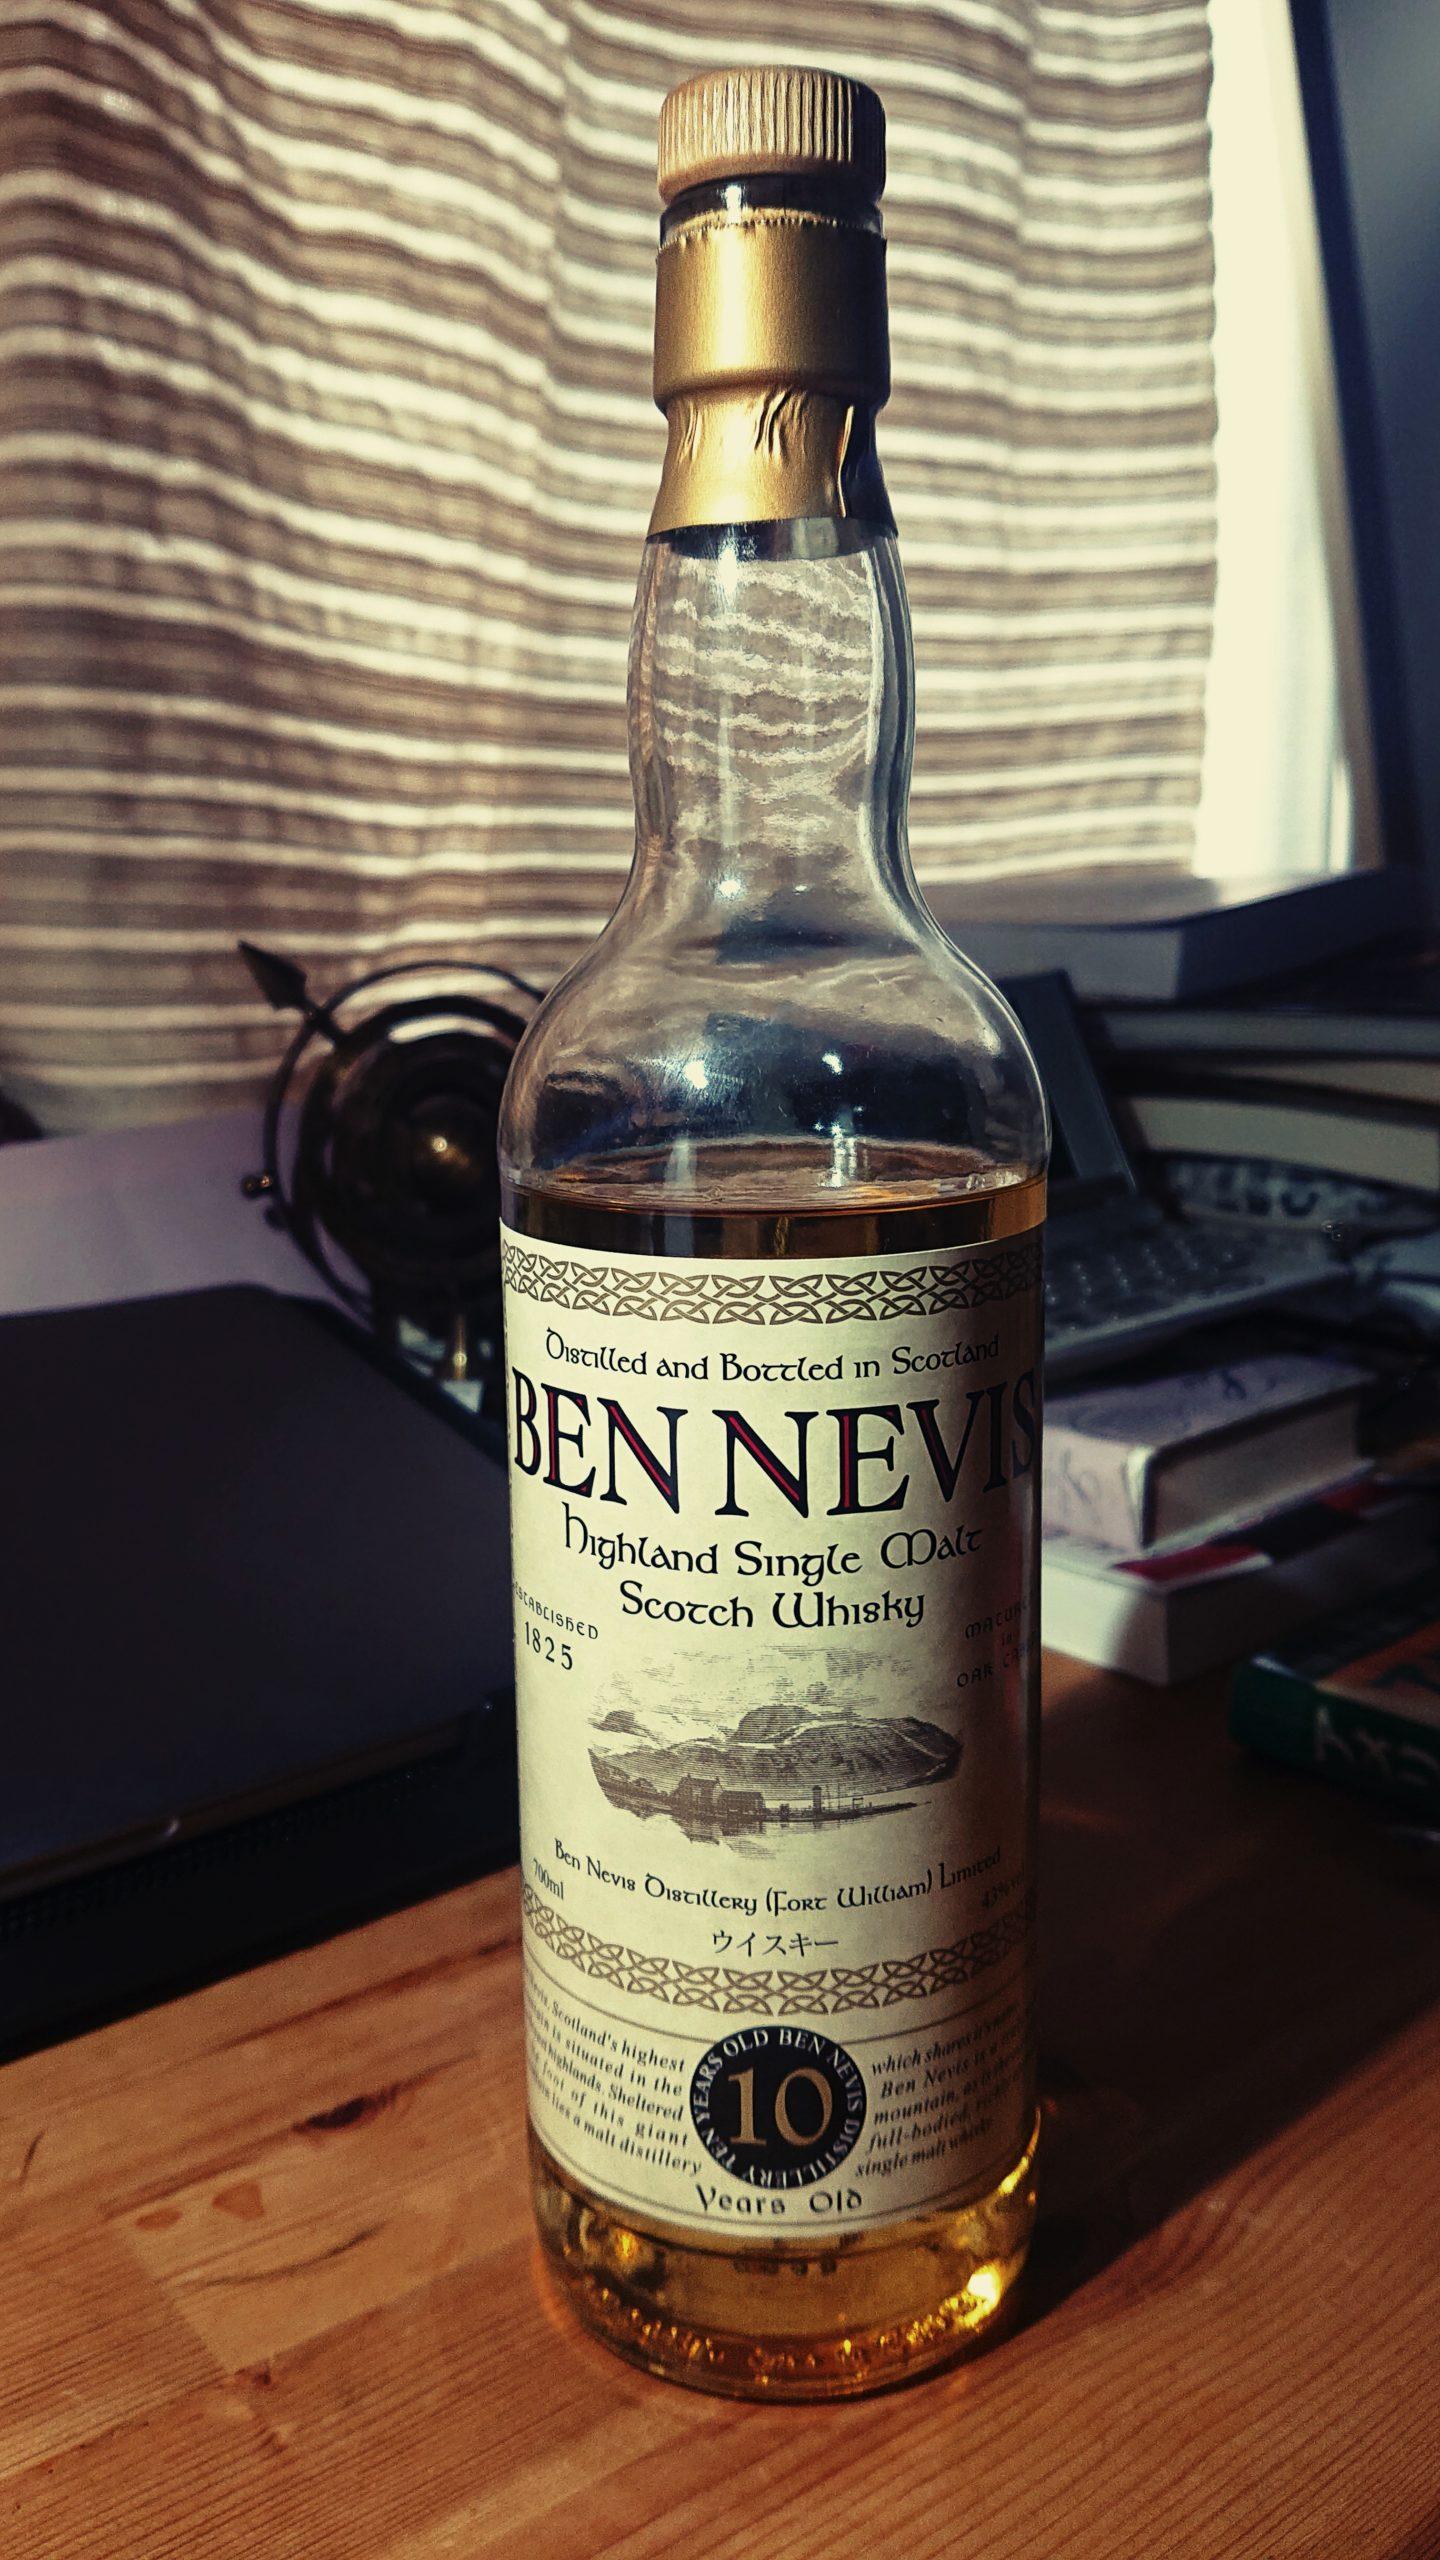 ベンネヴィス10年のテイスティング&レヴュー・コスパ最高峰!ヘザーの花香る西ハイランド山岳地の華やかな美酒!